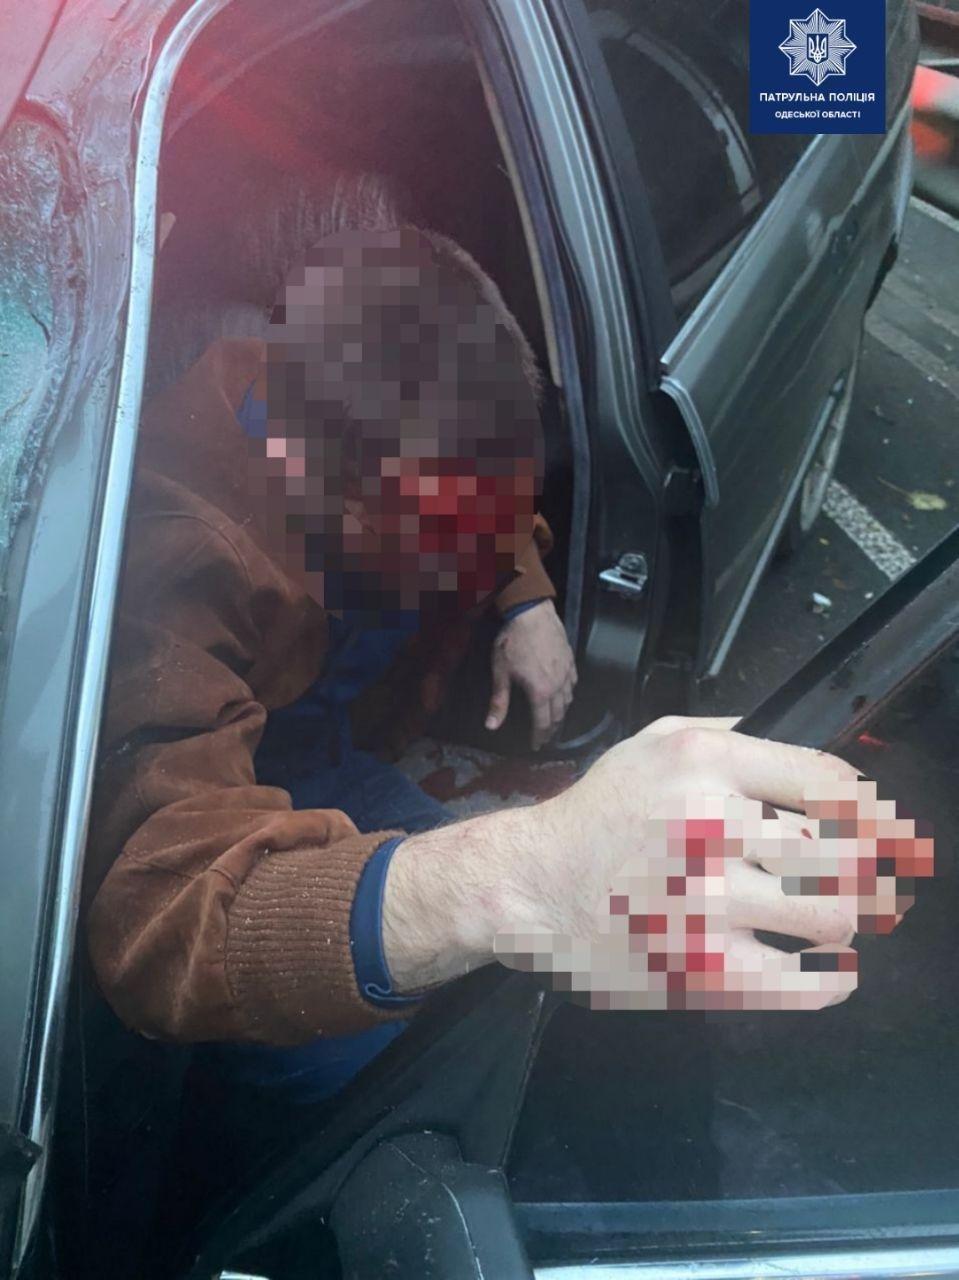 В Одессе мужчина угнал машину и на большой скорости влетел в автобус, есть пострадавшие, - ФОТО, фото-1